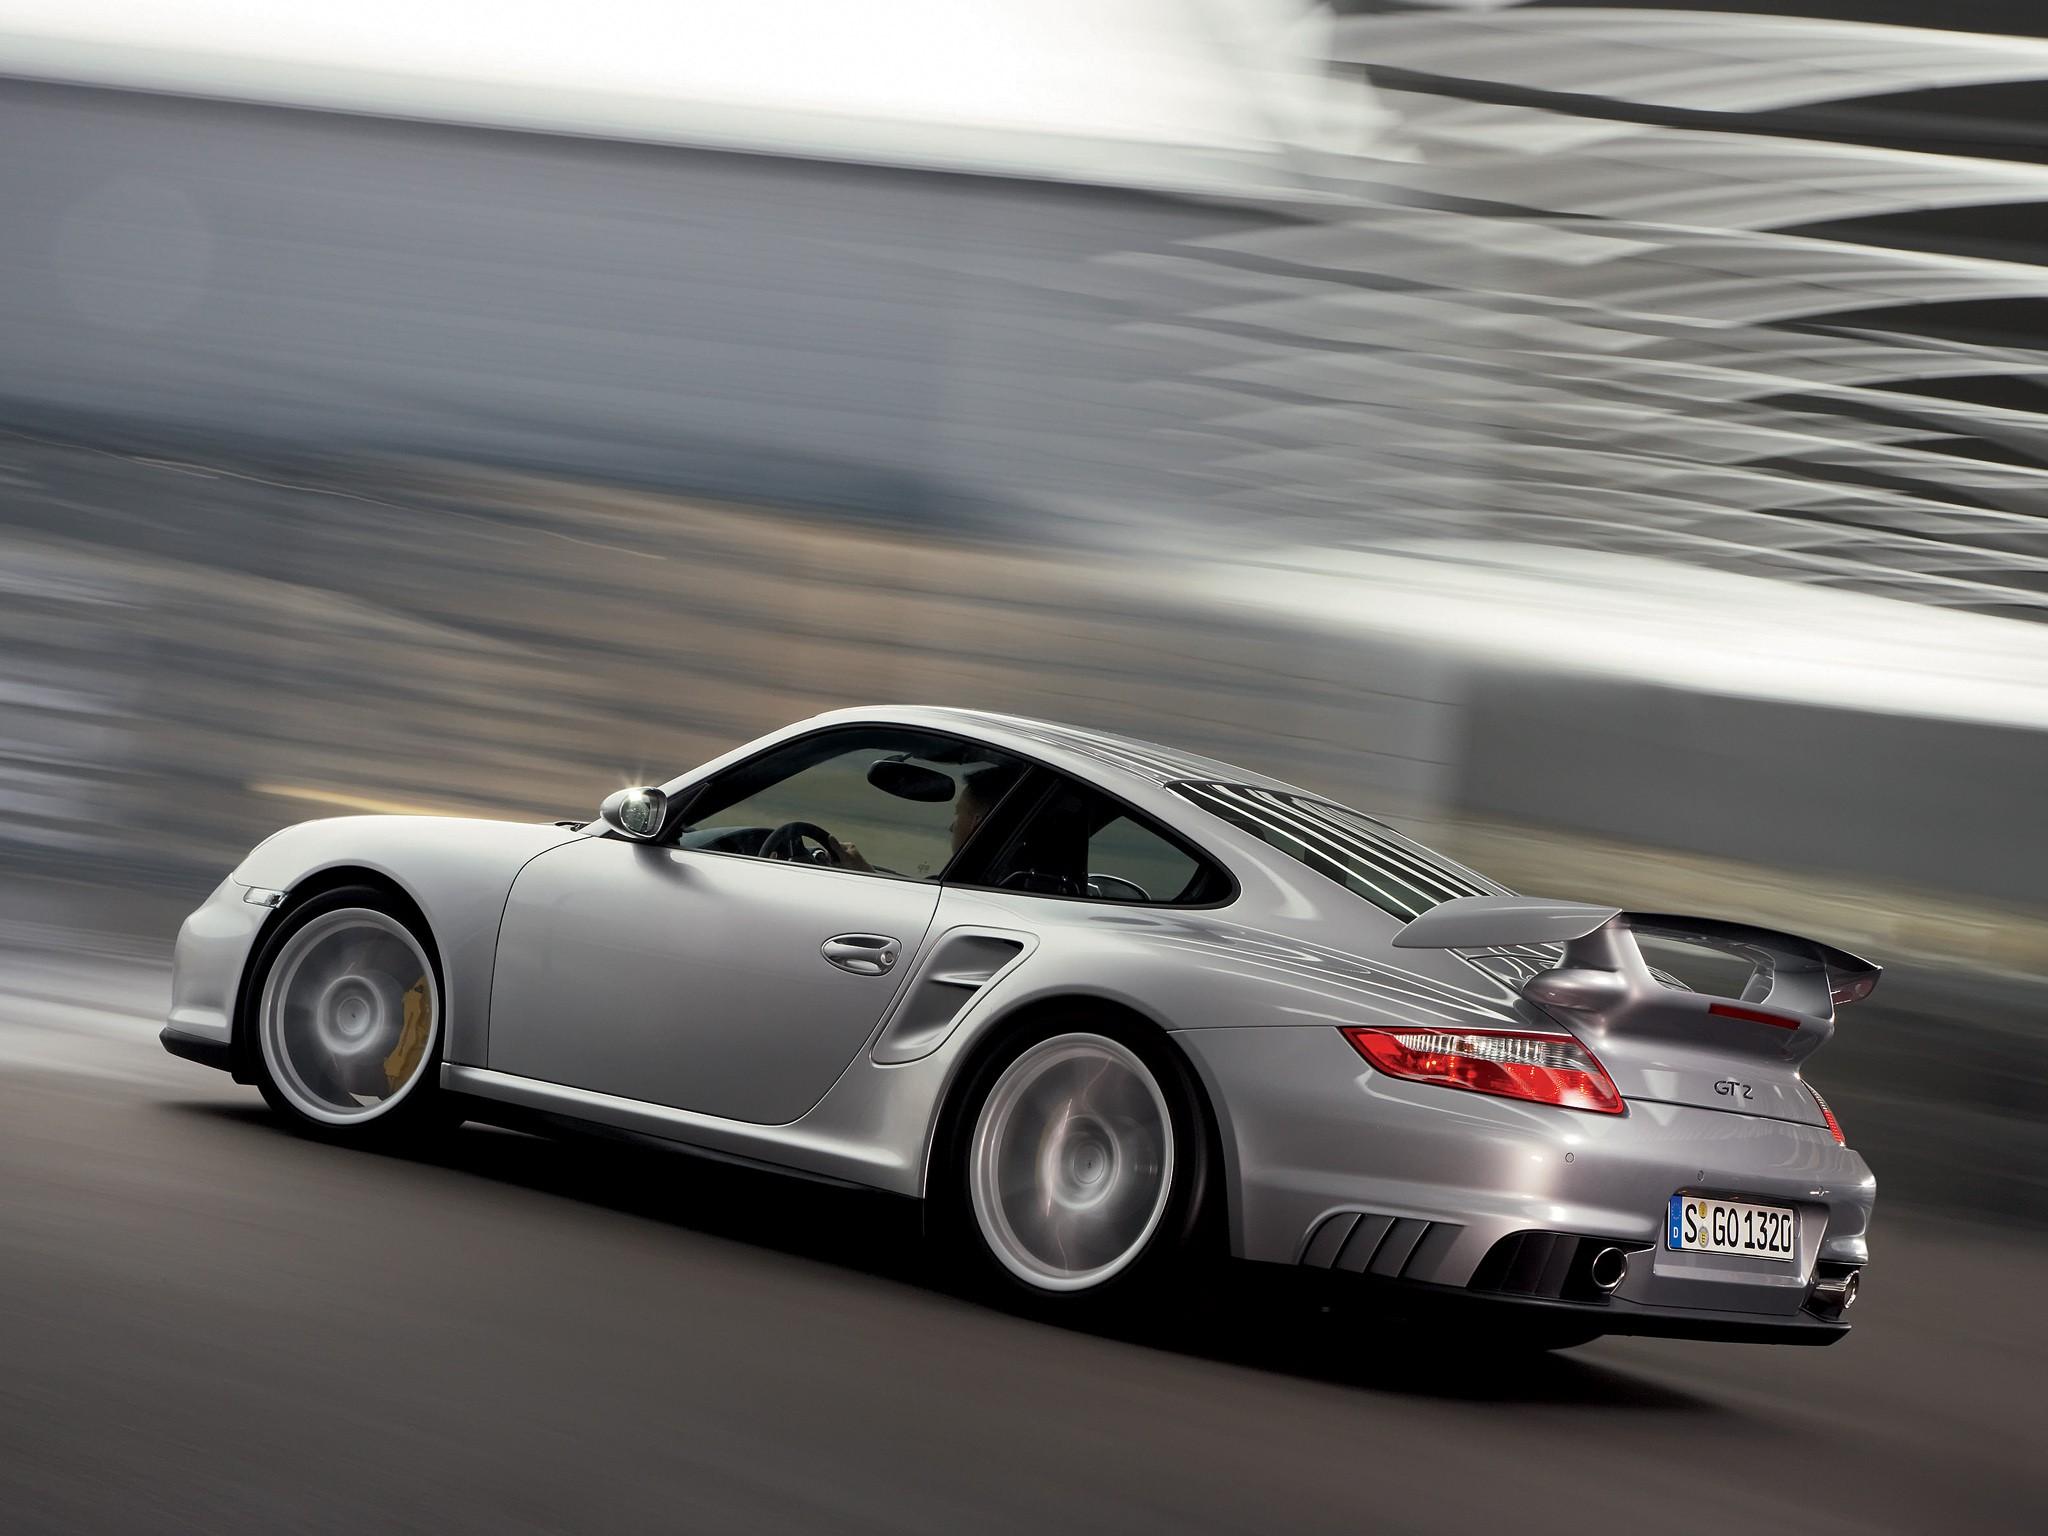 Porsche 911 Gt2 997 Specs Amp Photos 2007 2008 2009